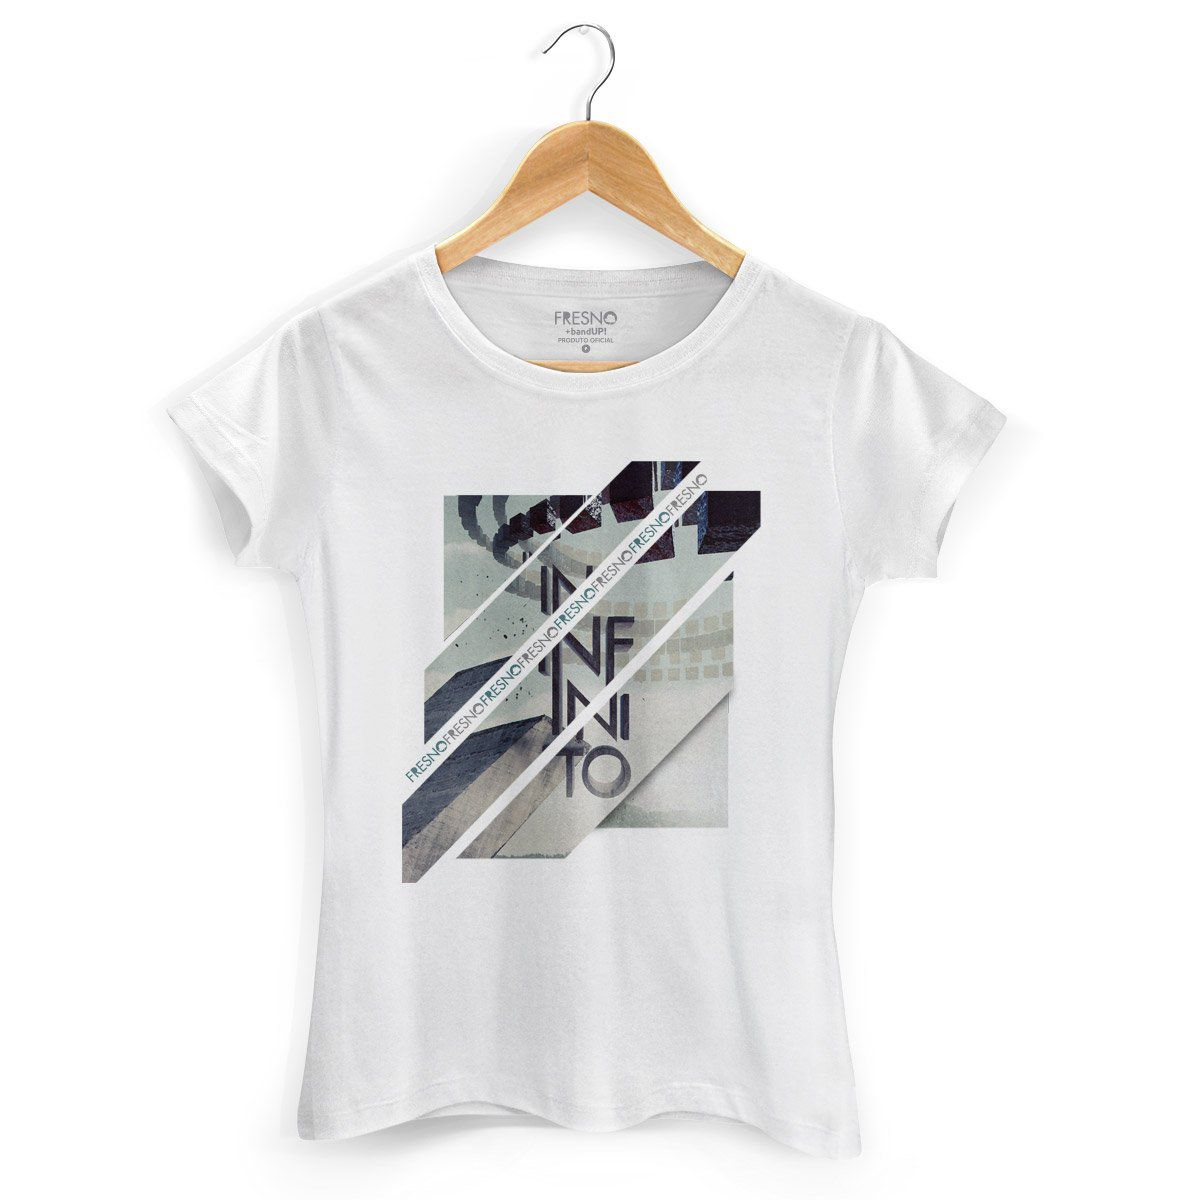 Camiseta Feminina Fresno - Infinito